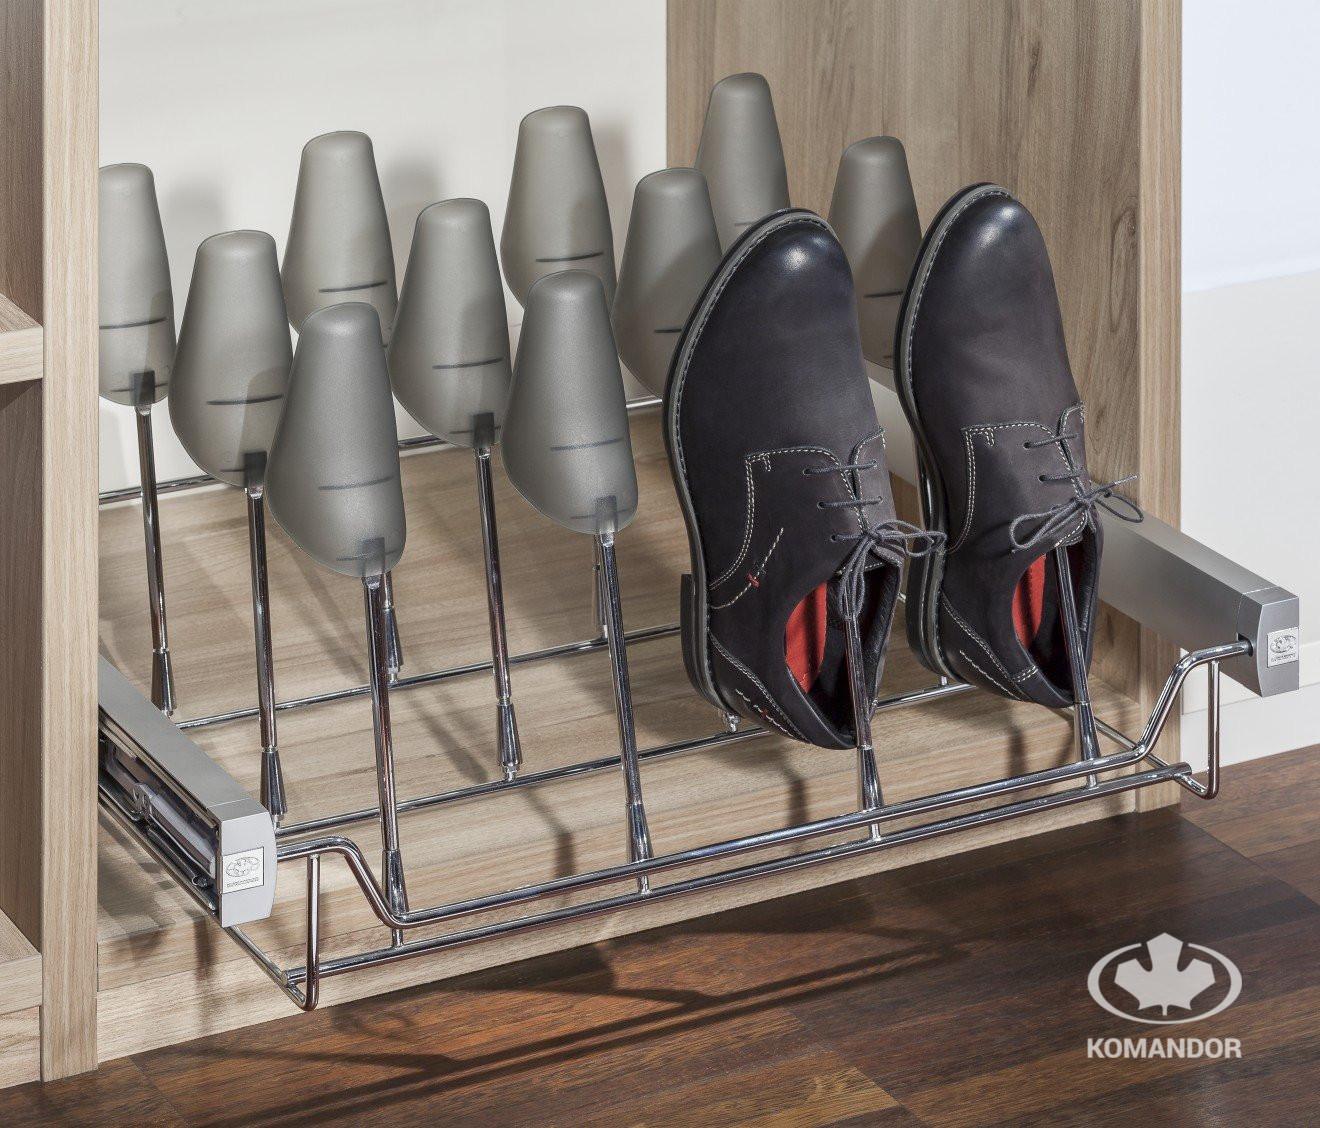 Prawidła do przechowywania butów